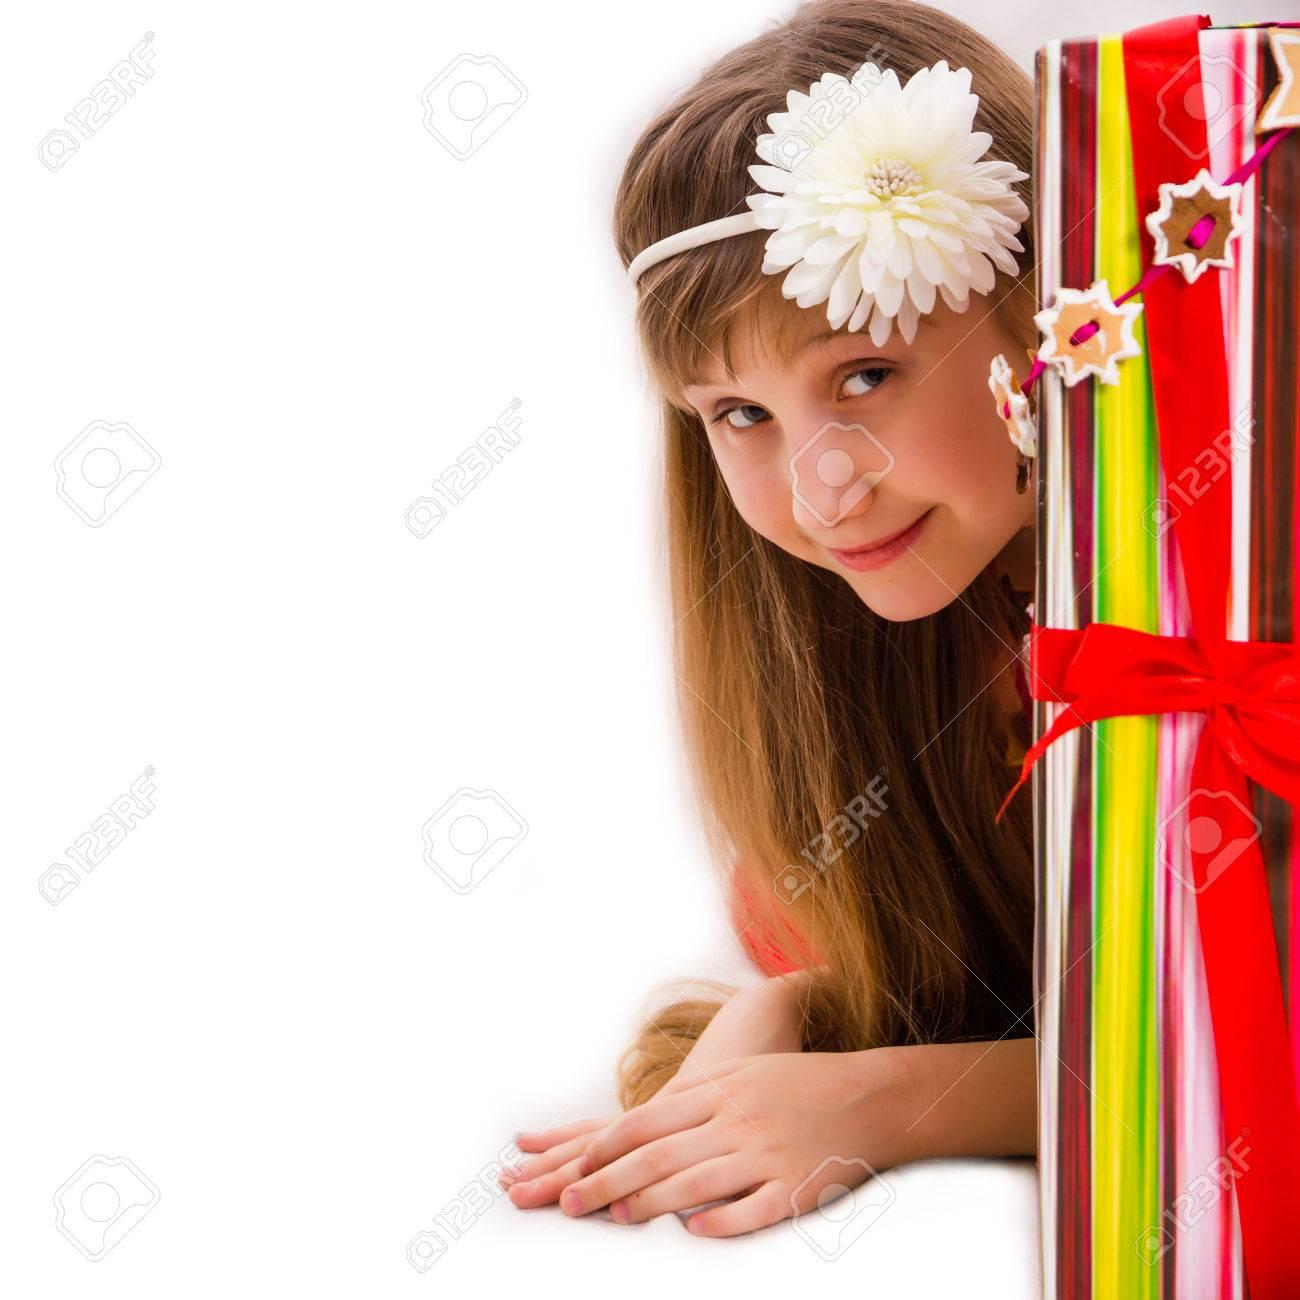 Weihnachtsgeschenke Und Kleine Mädchen Weihnachts Lizenzfreie Fotos ...